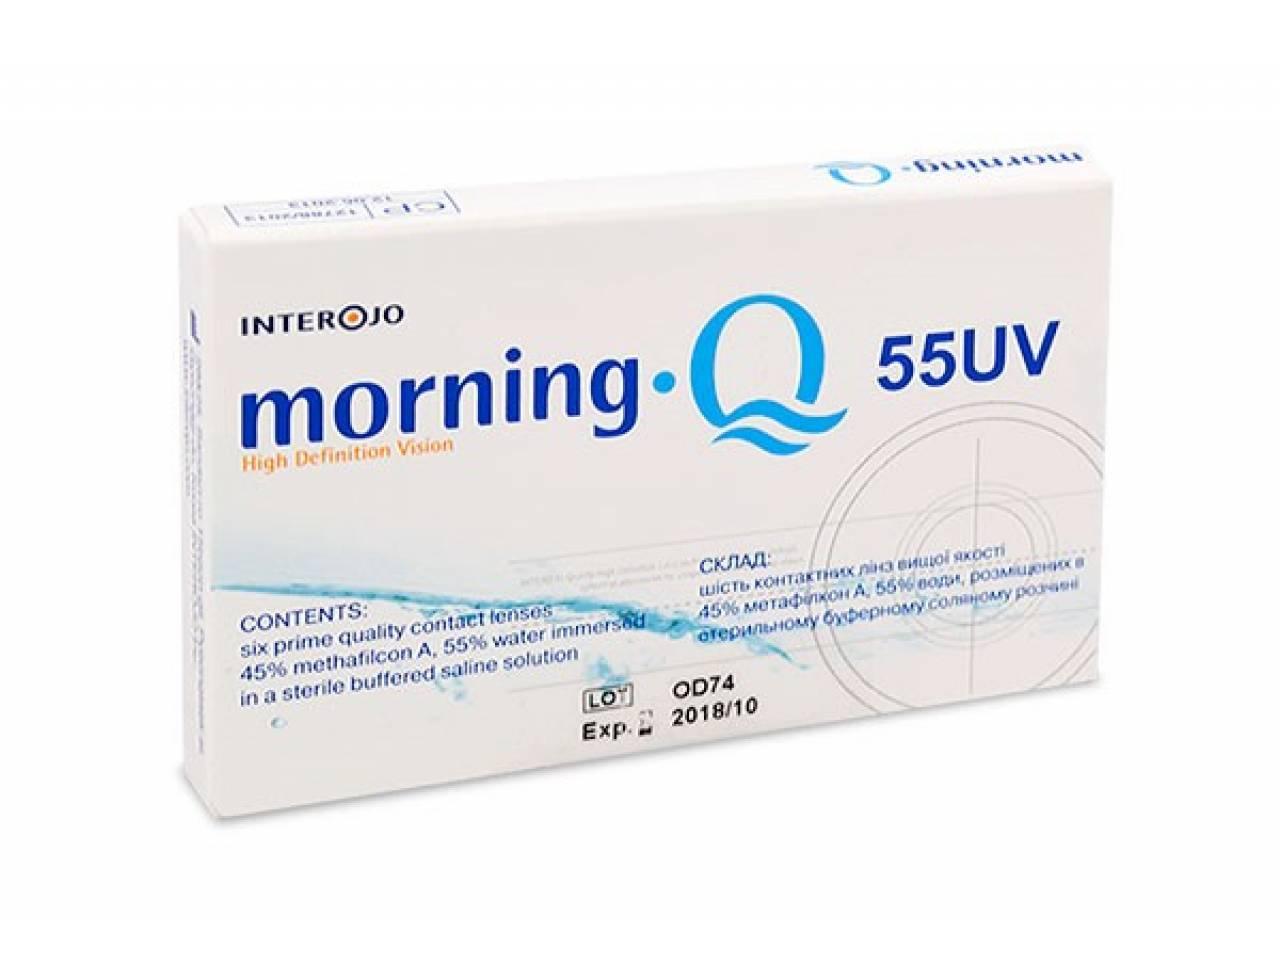 Месячные контактные линзы Interojo Morning Q55 UV - Фото №7